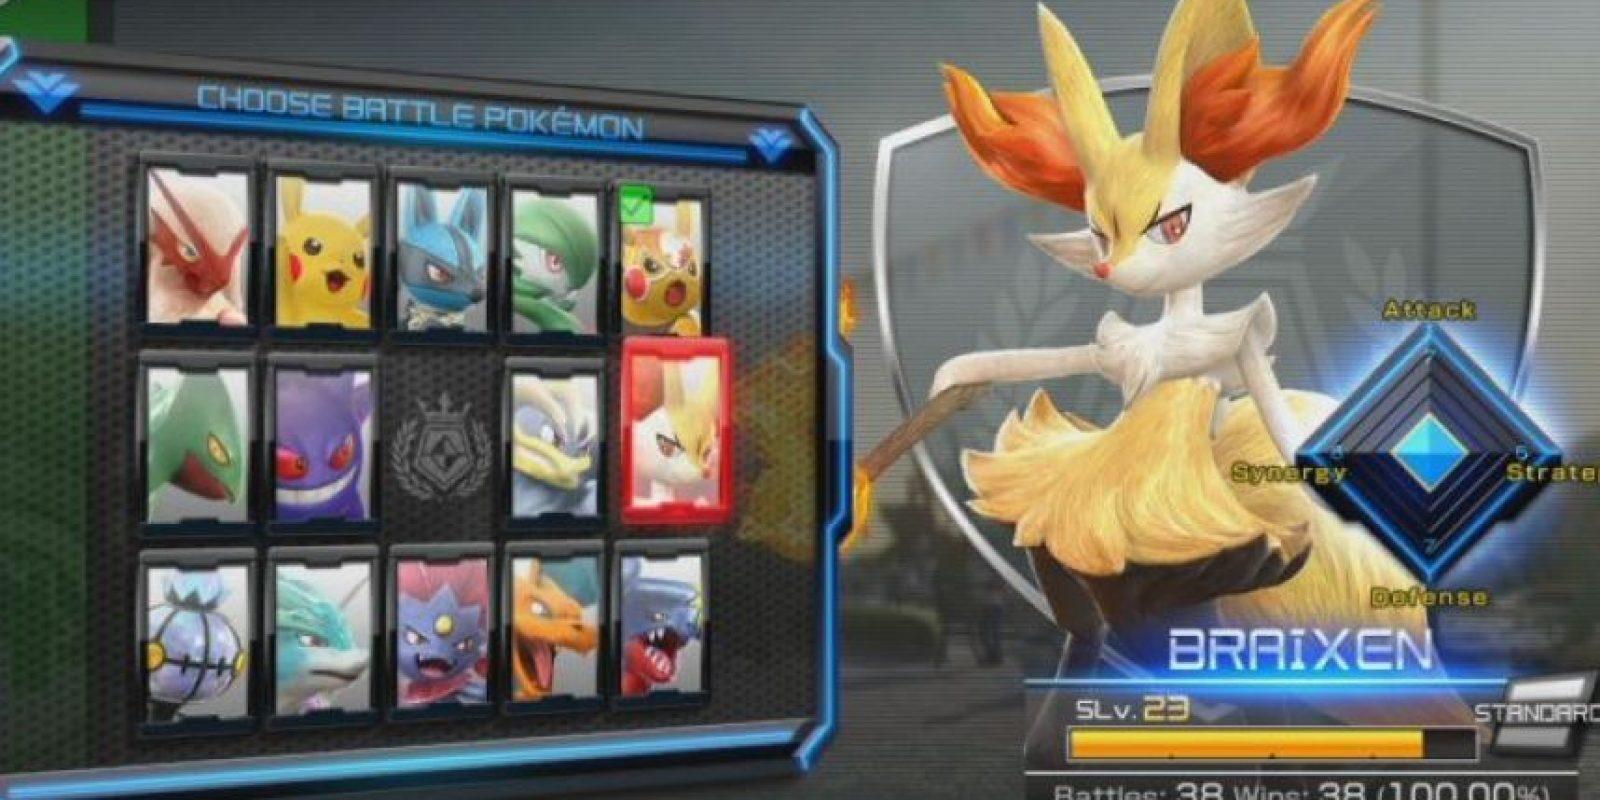 El videojuego está disponible solo para WiiU. Foto:Bandai Namco. Imagen Por: